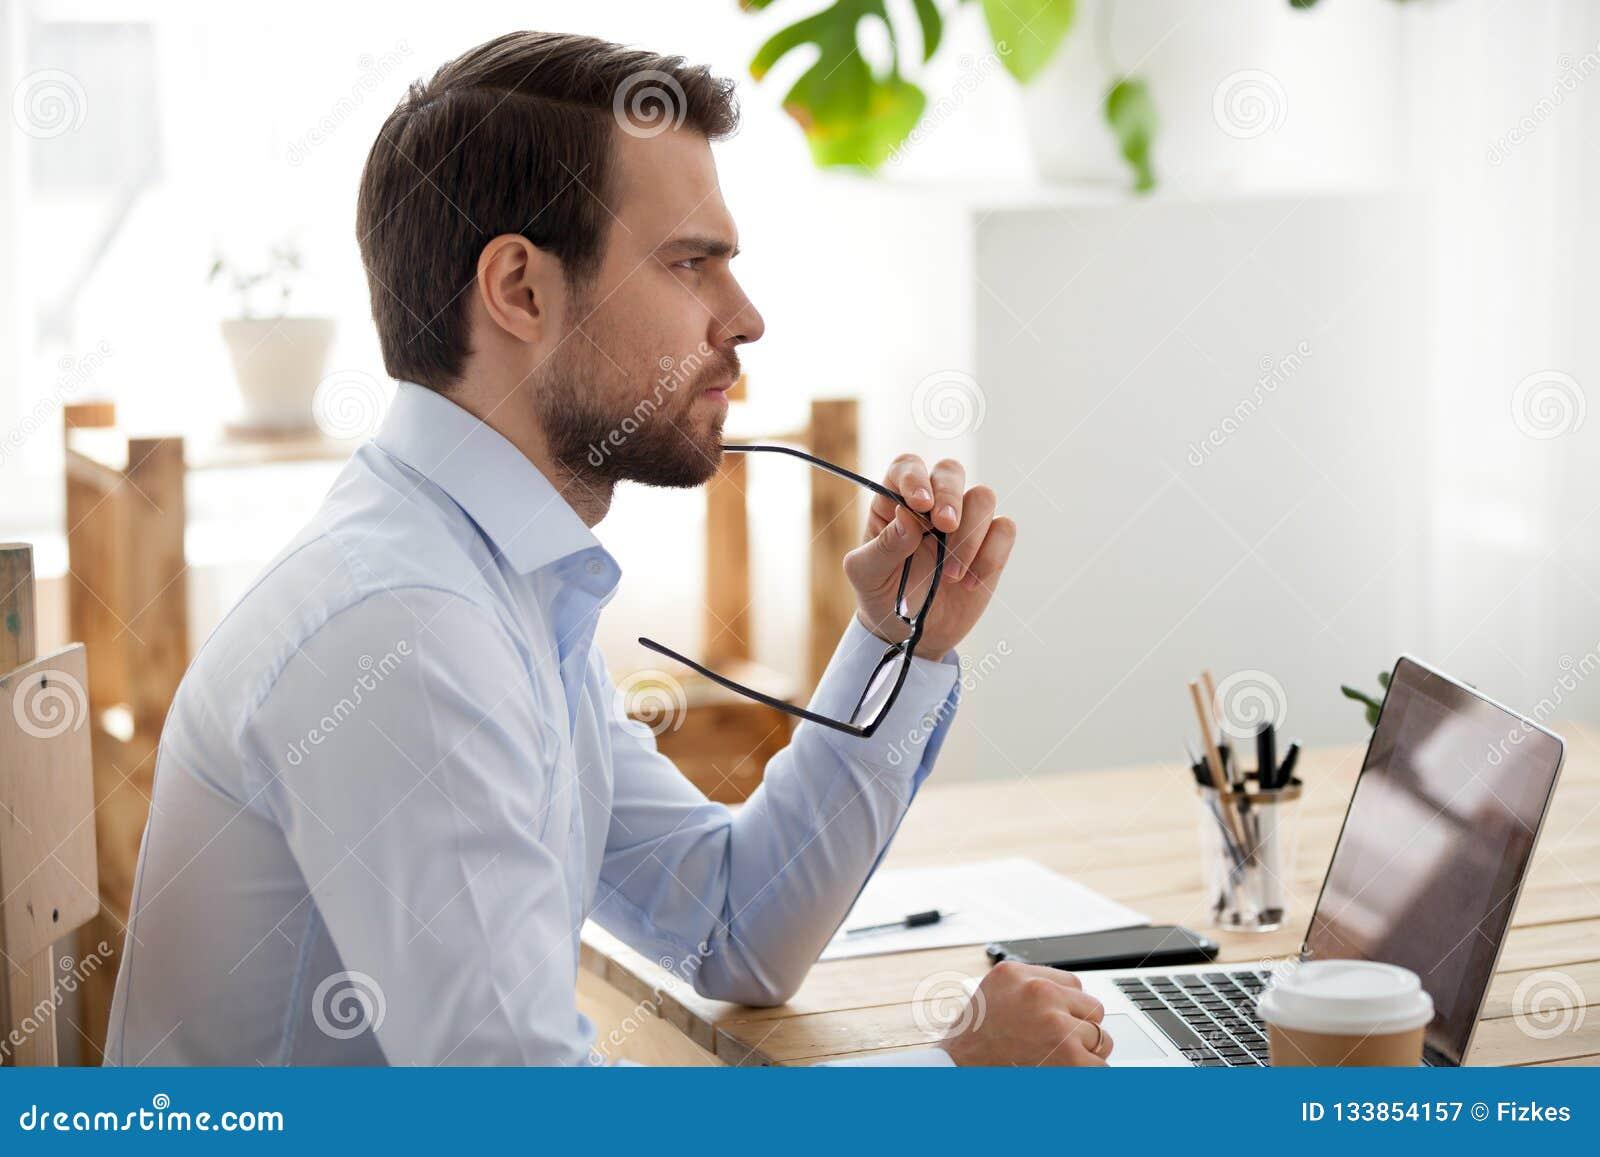 Eftertänksam manlig anställd tänker av problemlösning